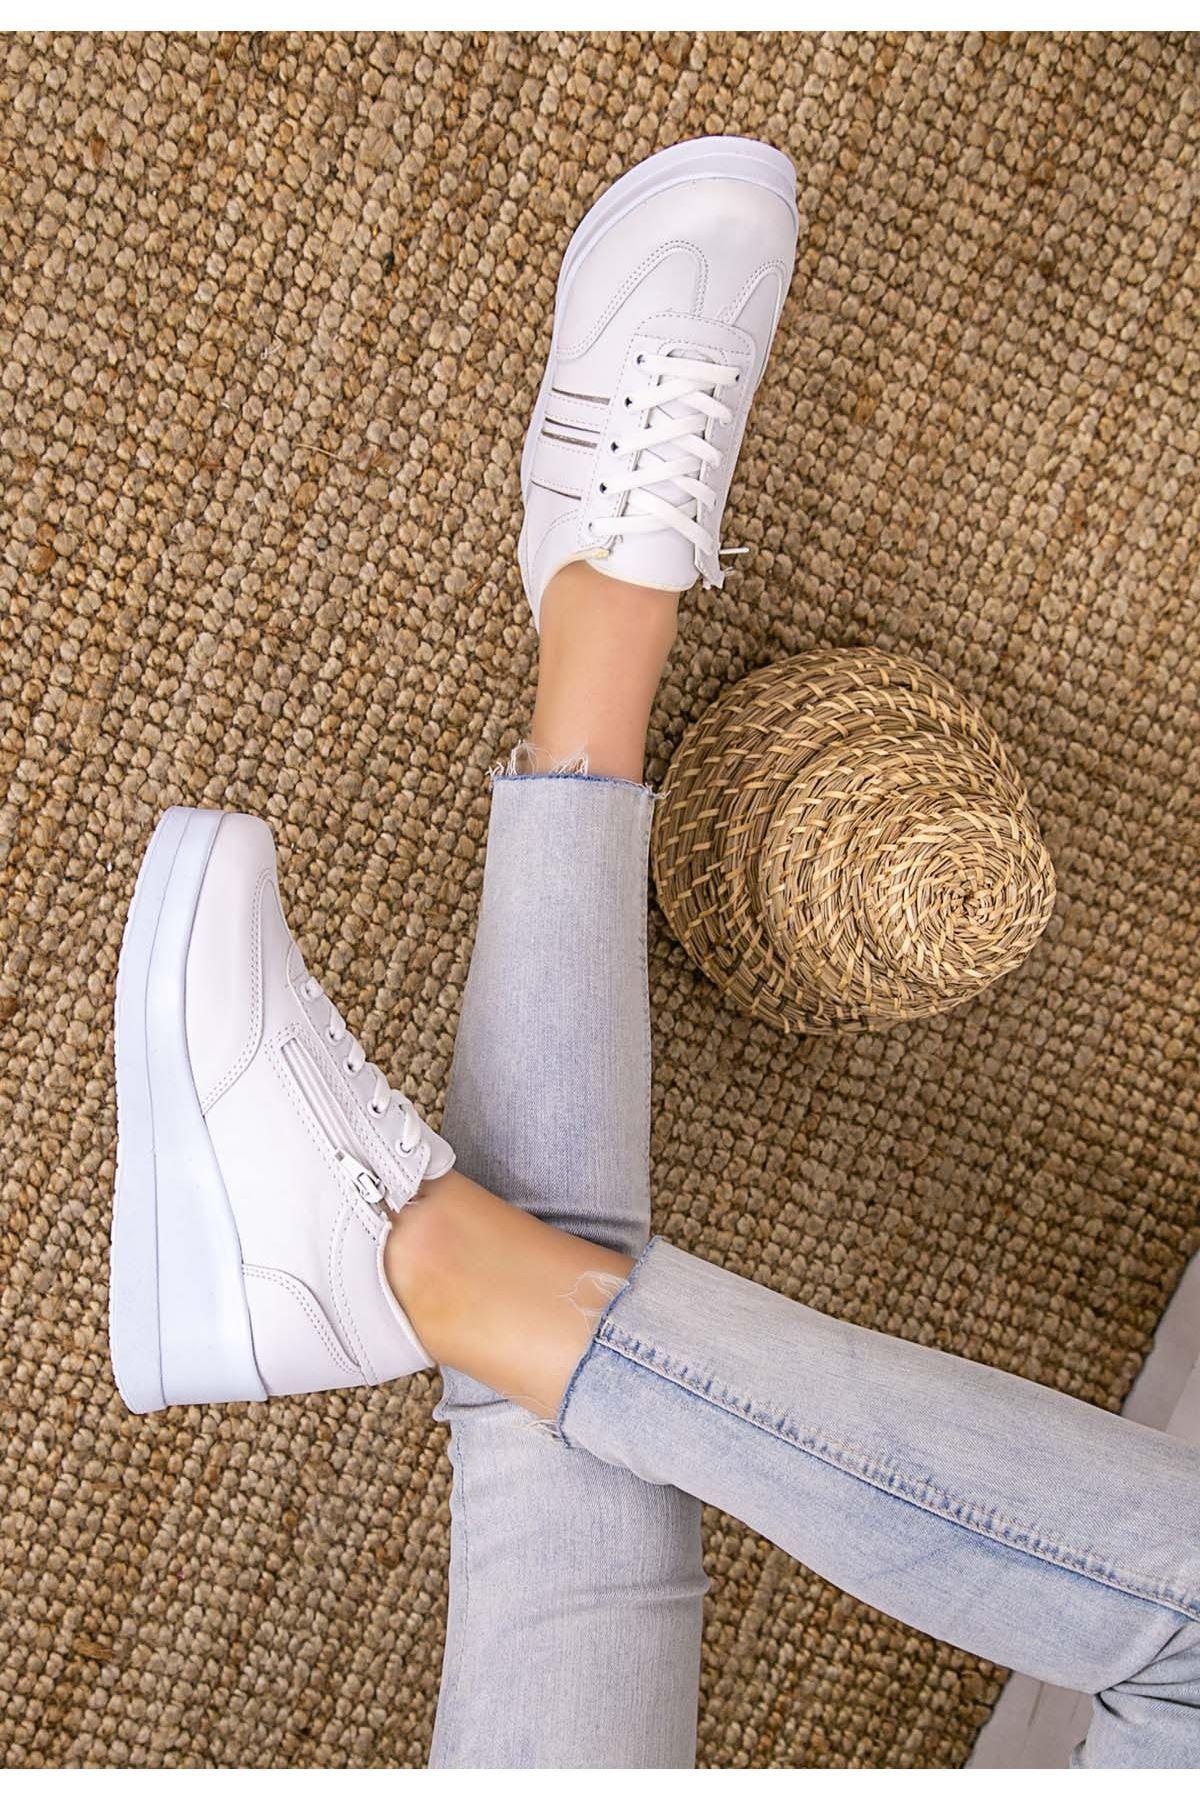 Warm Beyaz Cilt Gümüş Şeritli Spor Ayakkabı